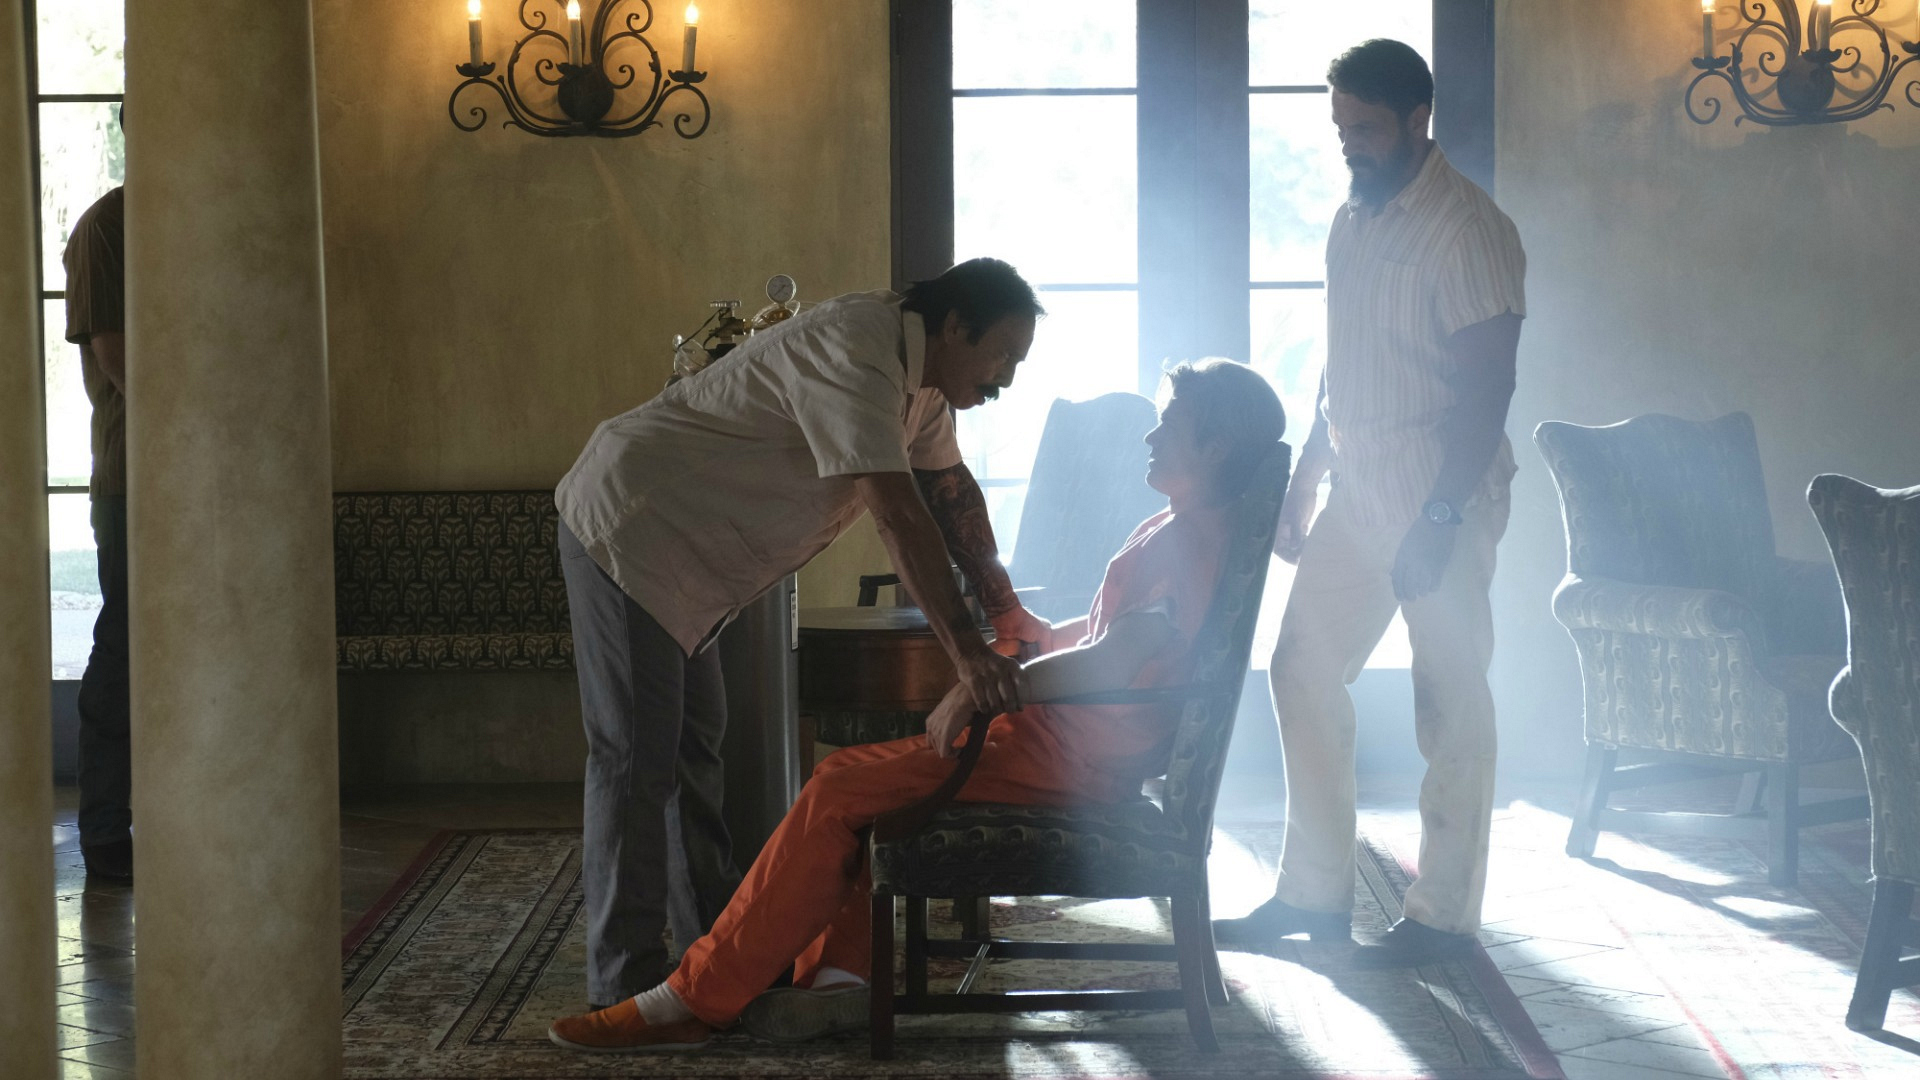 MacGyver is tied up by El Noche's men.